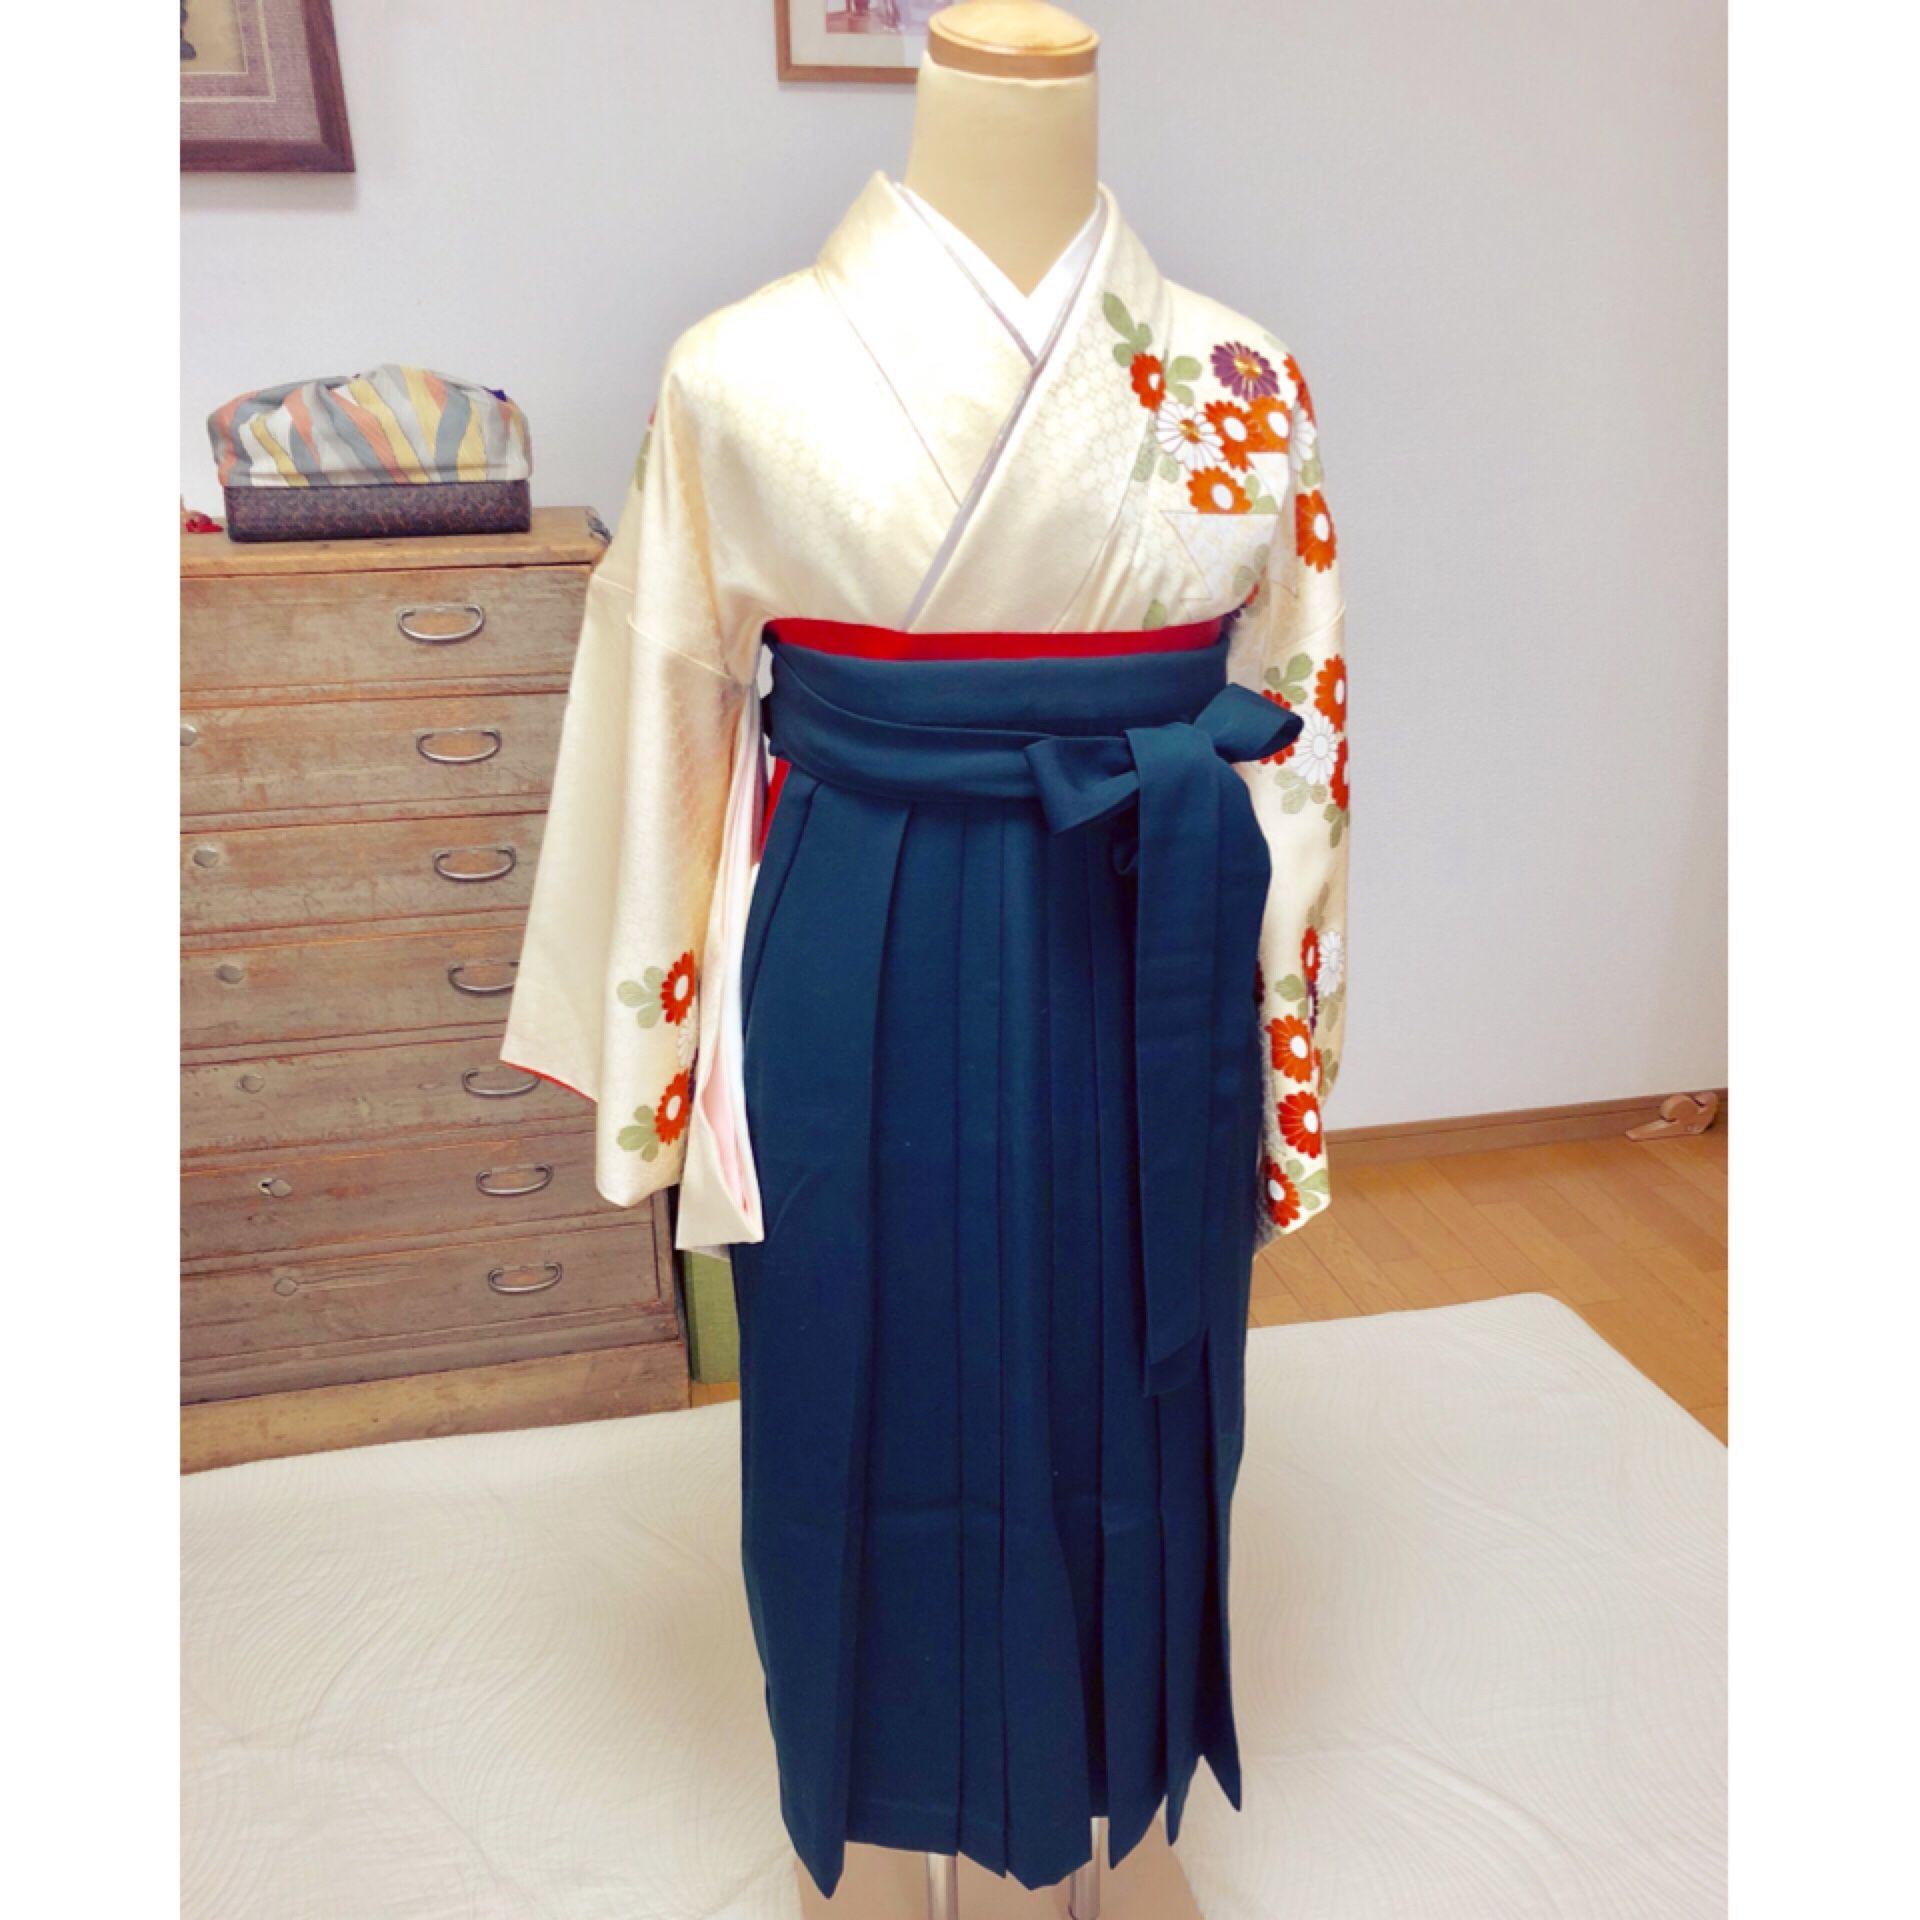 娘さんに文化祭の袴の着せ付けをされるお母様【大阪京橋の着付け教室きものたまより】